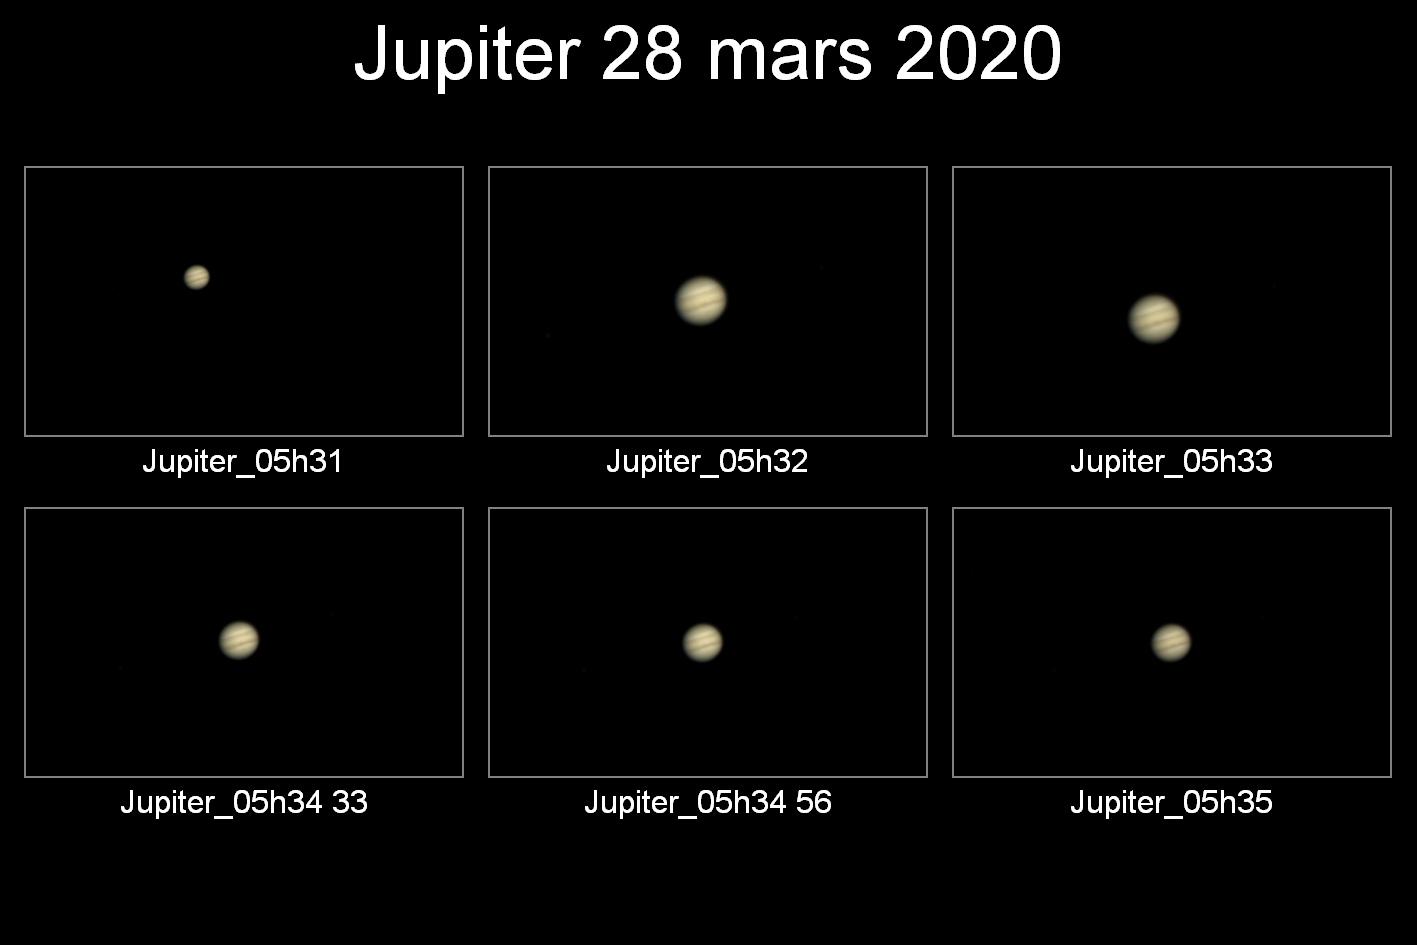 5e7f7bcb7c550_Jupiter28mars2020.jpg.f759b8fb63ff731307e8edae7d2af168.jpg